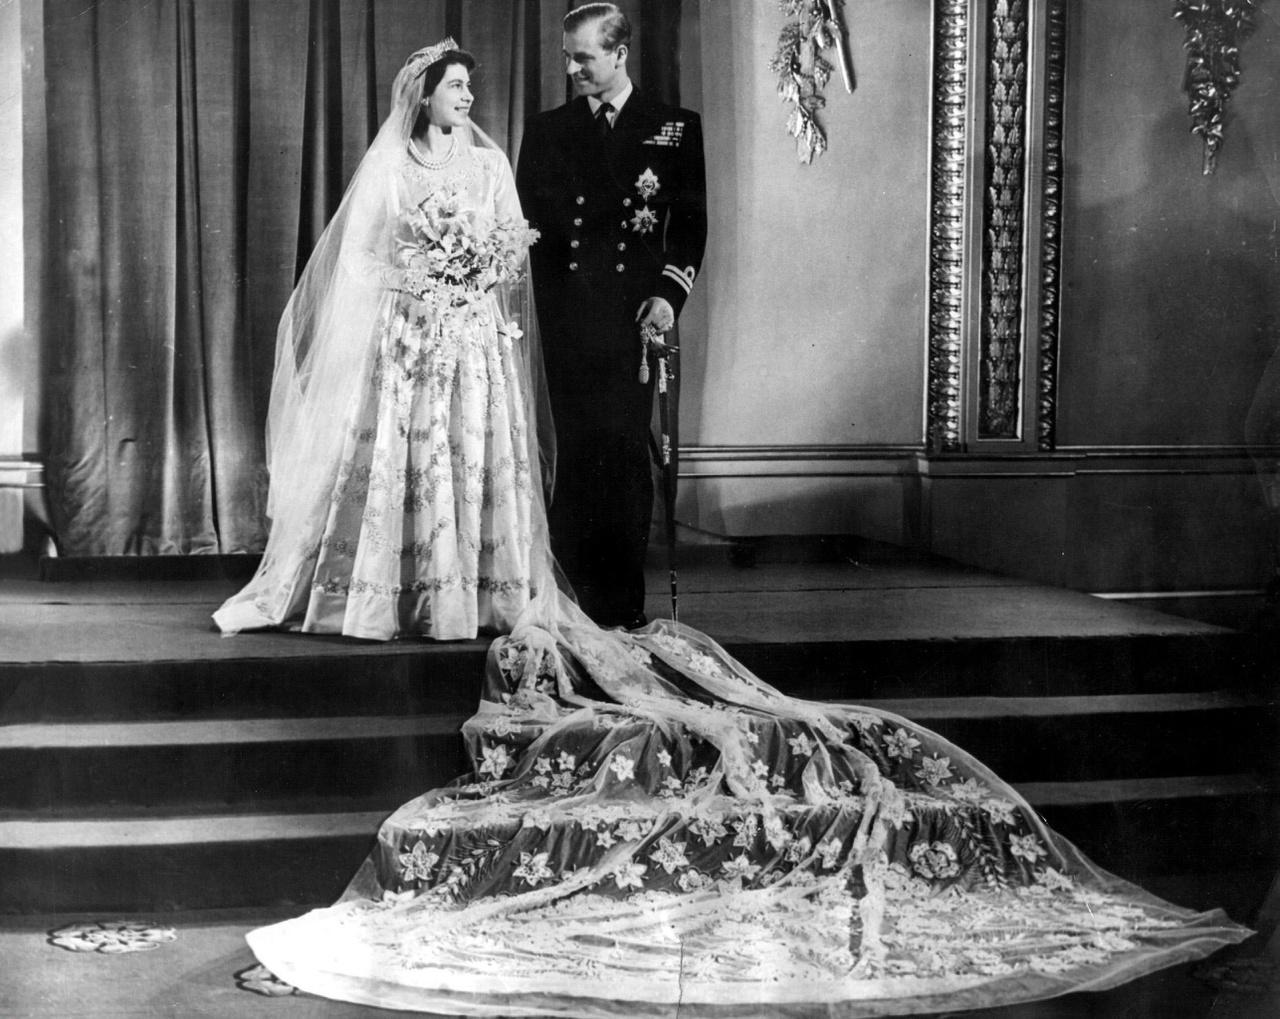 Erzsébet hercegnő és Fülöp herceg esküvőjét a westminsteri apátságban tartották 1947-ben.